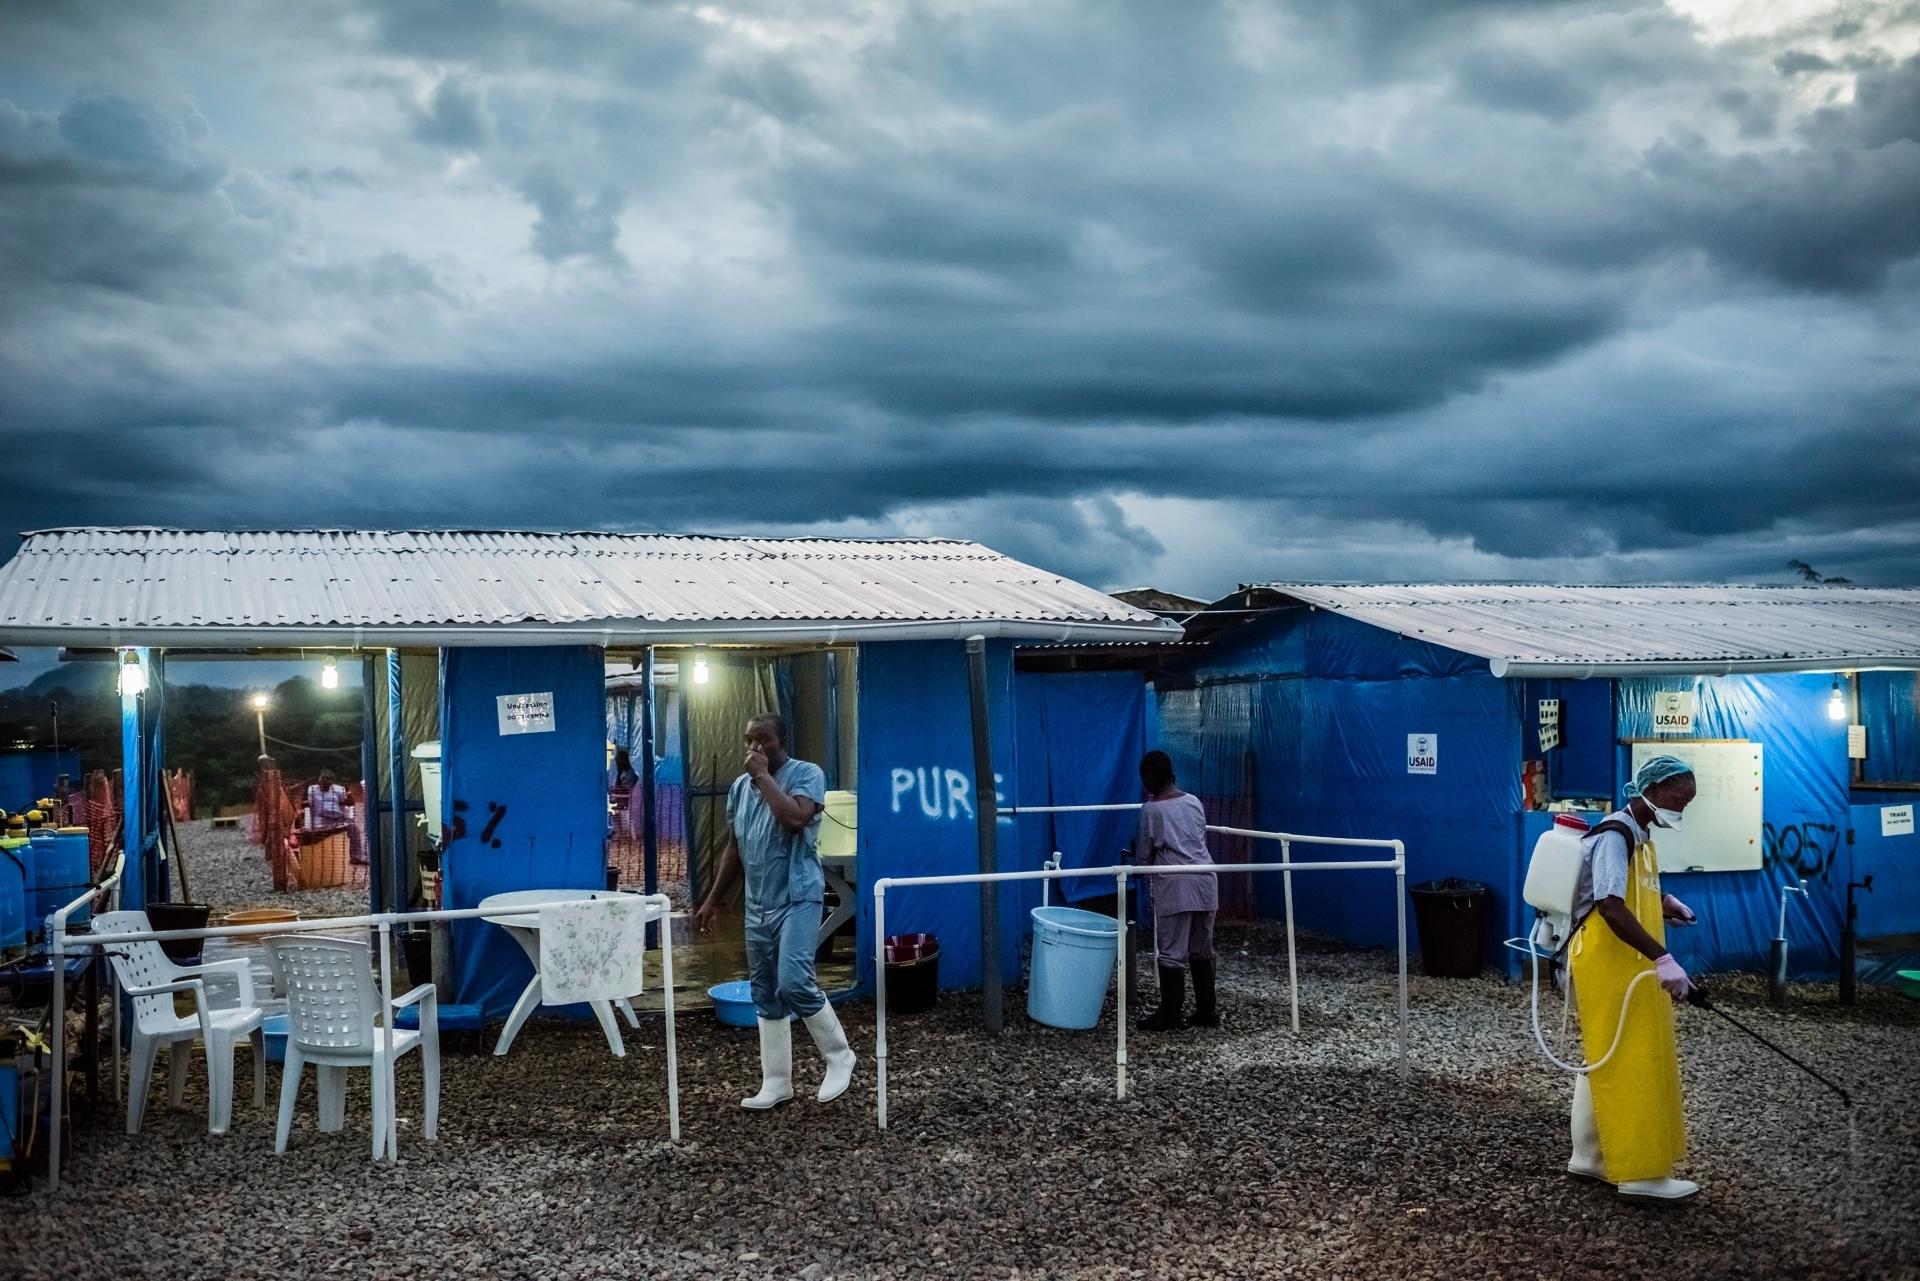 Homem desinfeta rosto depois de deixar área de alto risco onde são tratados doentes com ebola na Unidade de Tratamento de Ebola no Condado de Bong em Sgt. Kollie Tow, na Libéria